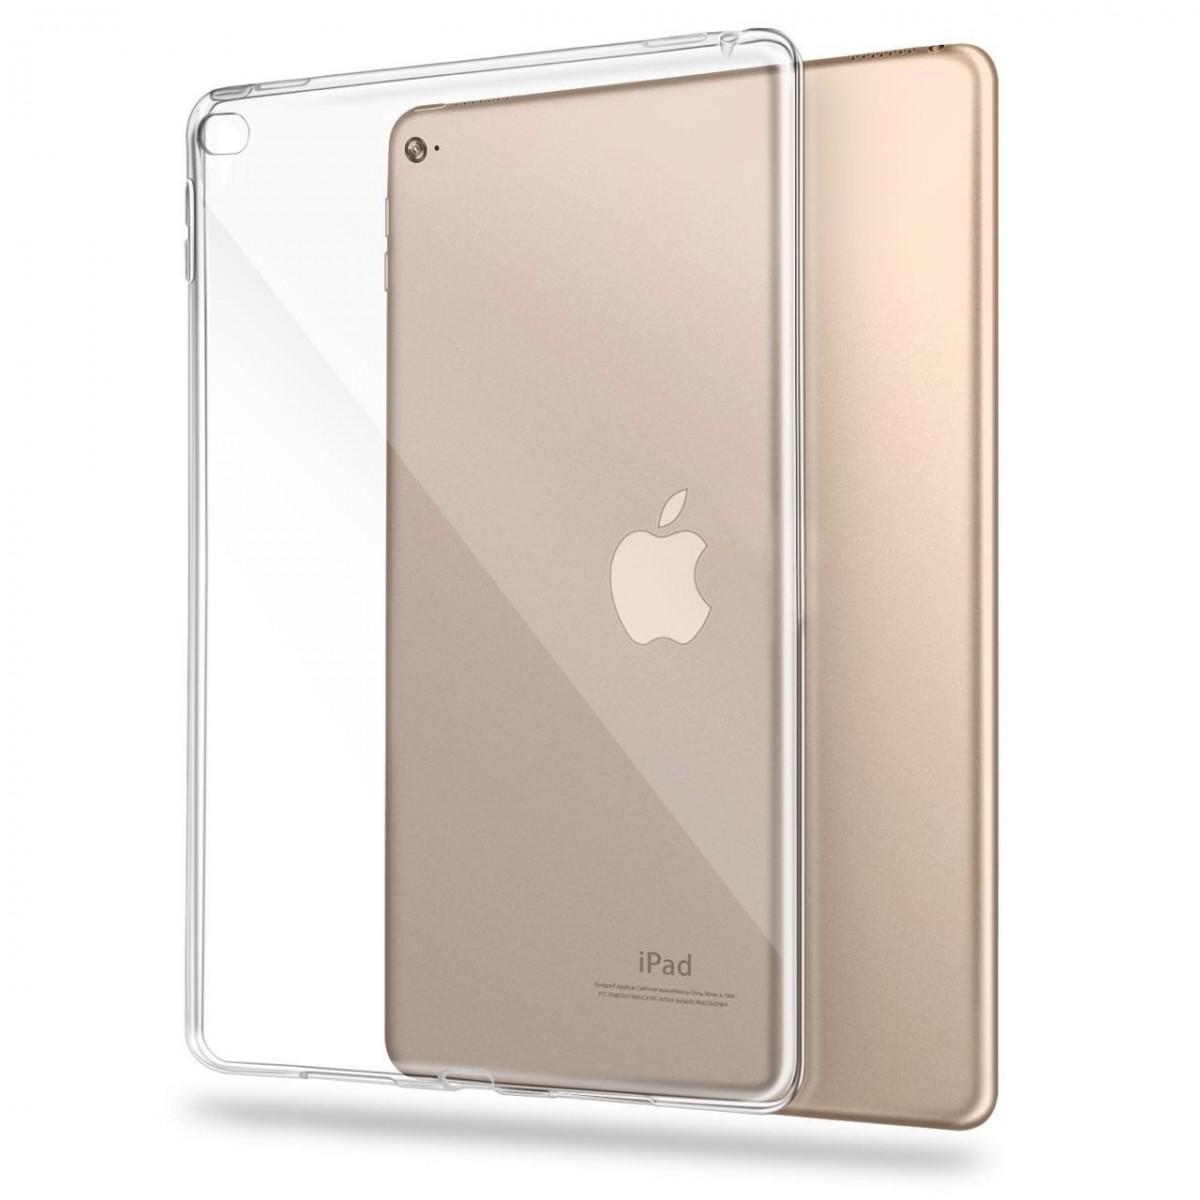 Silikonový průhledný čirý obal / kryt na Apple iPad Air 2